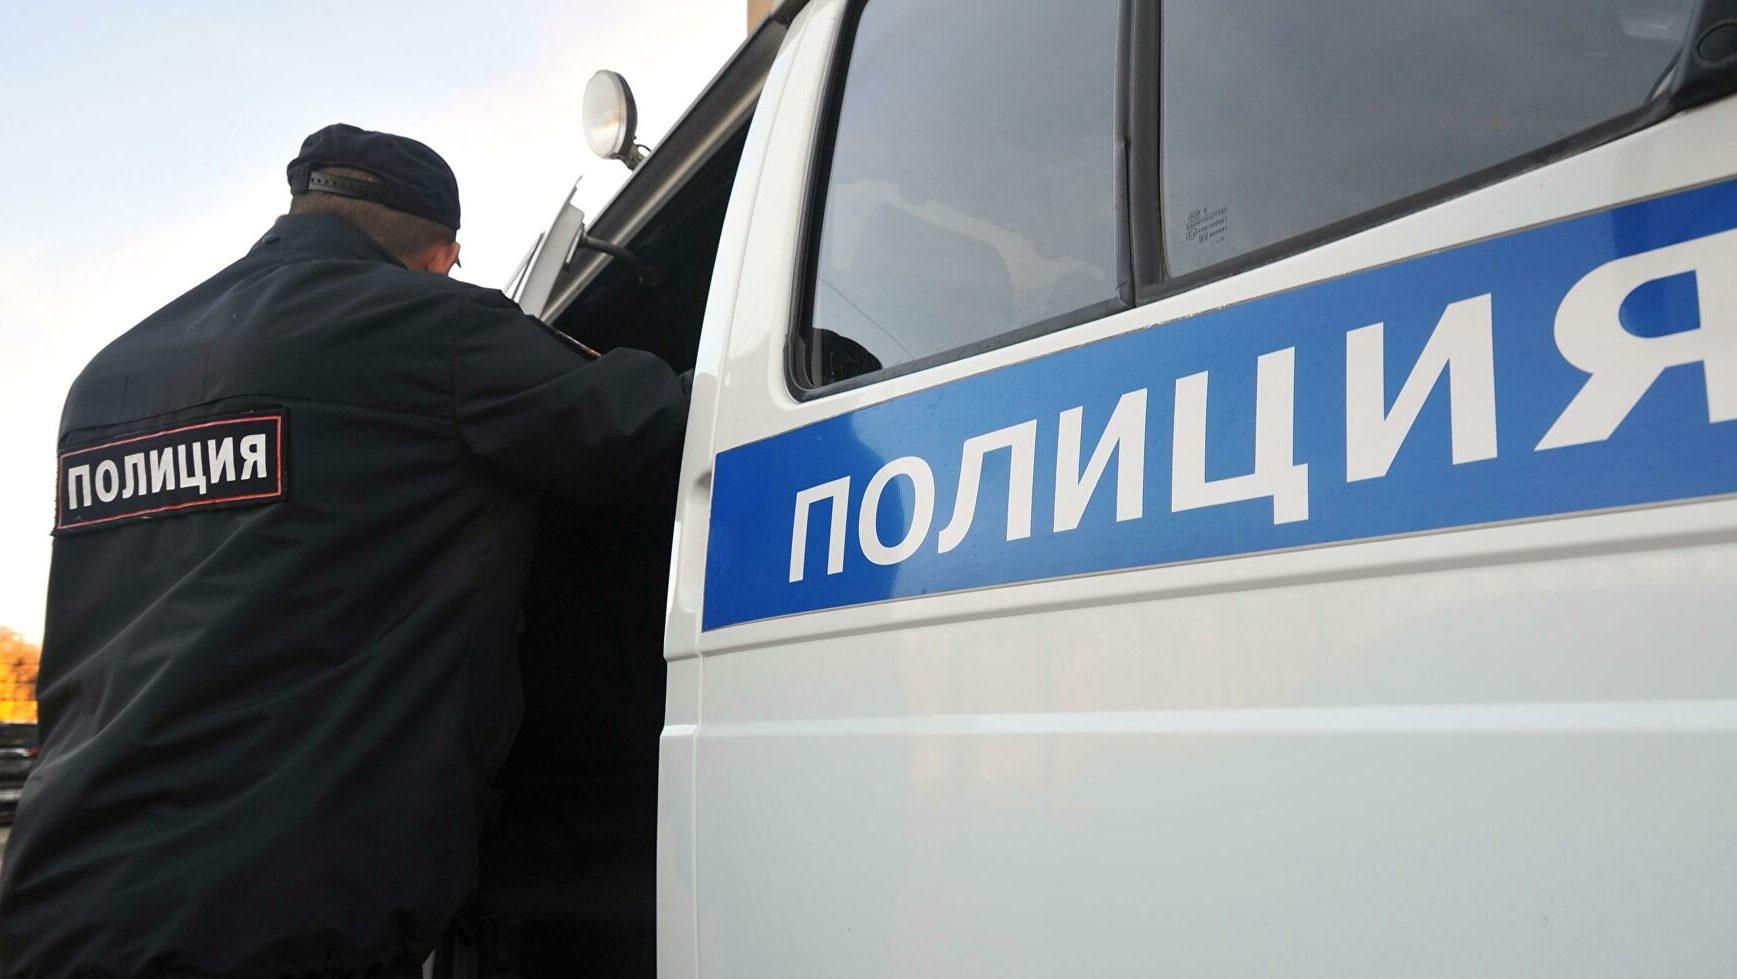 По улицам Екатеринбурга гулял мужчина с автоматами